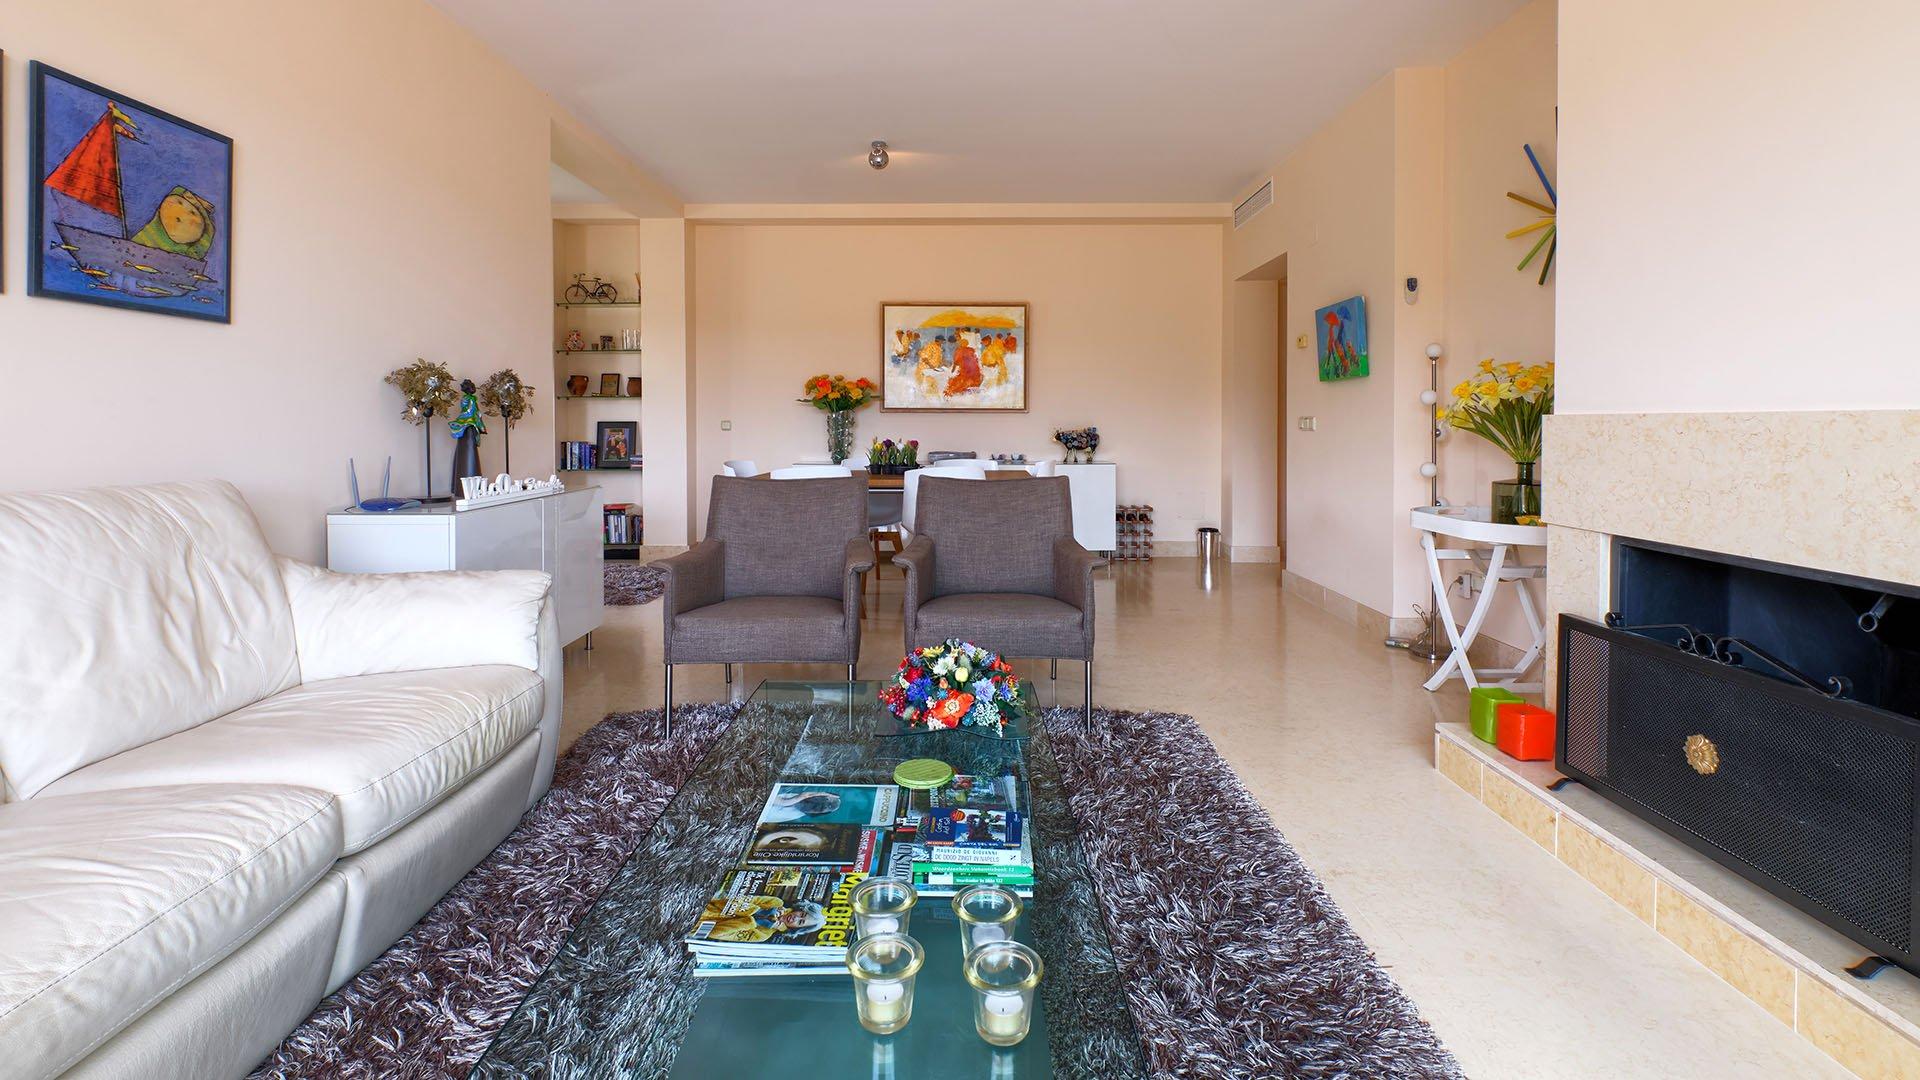 Capanes del Golf: Goed gelegen duplex penthouse met prachtig uitzicht over golf in Benahavís